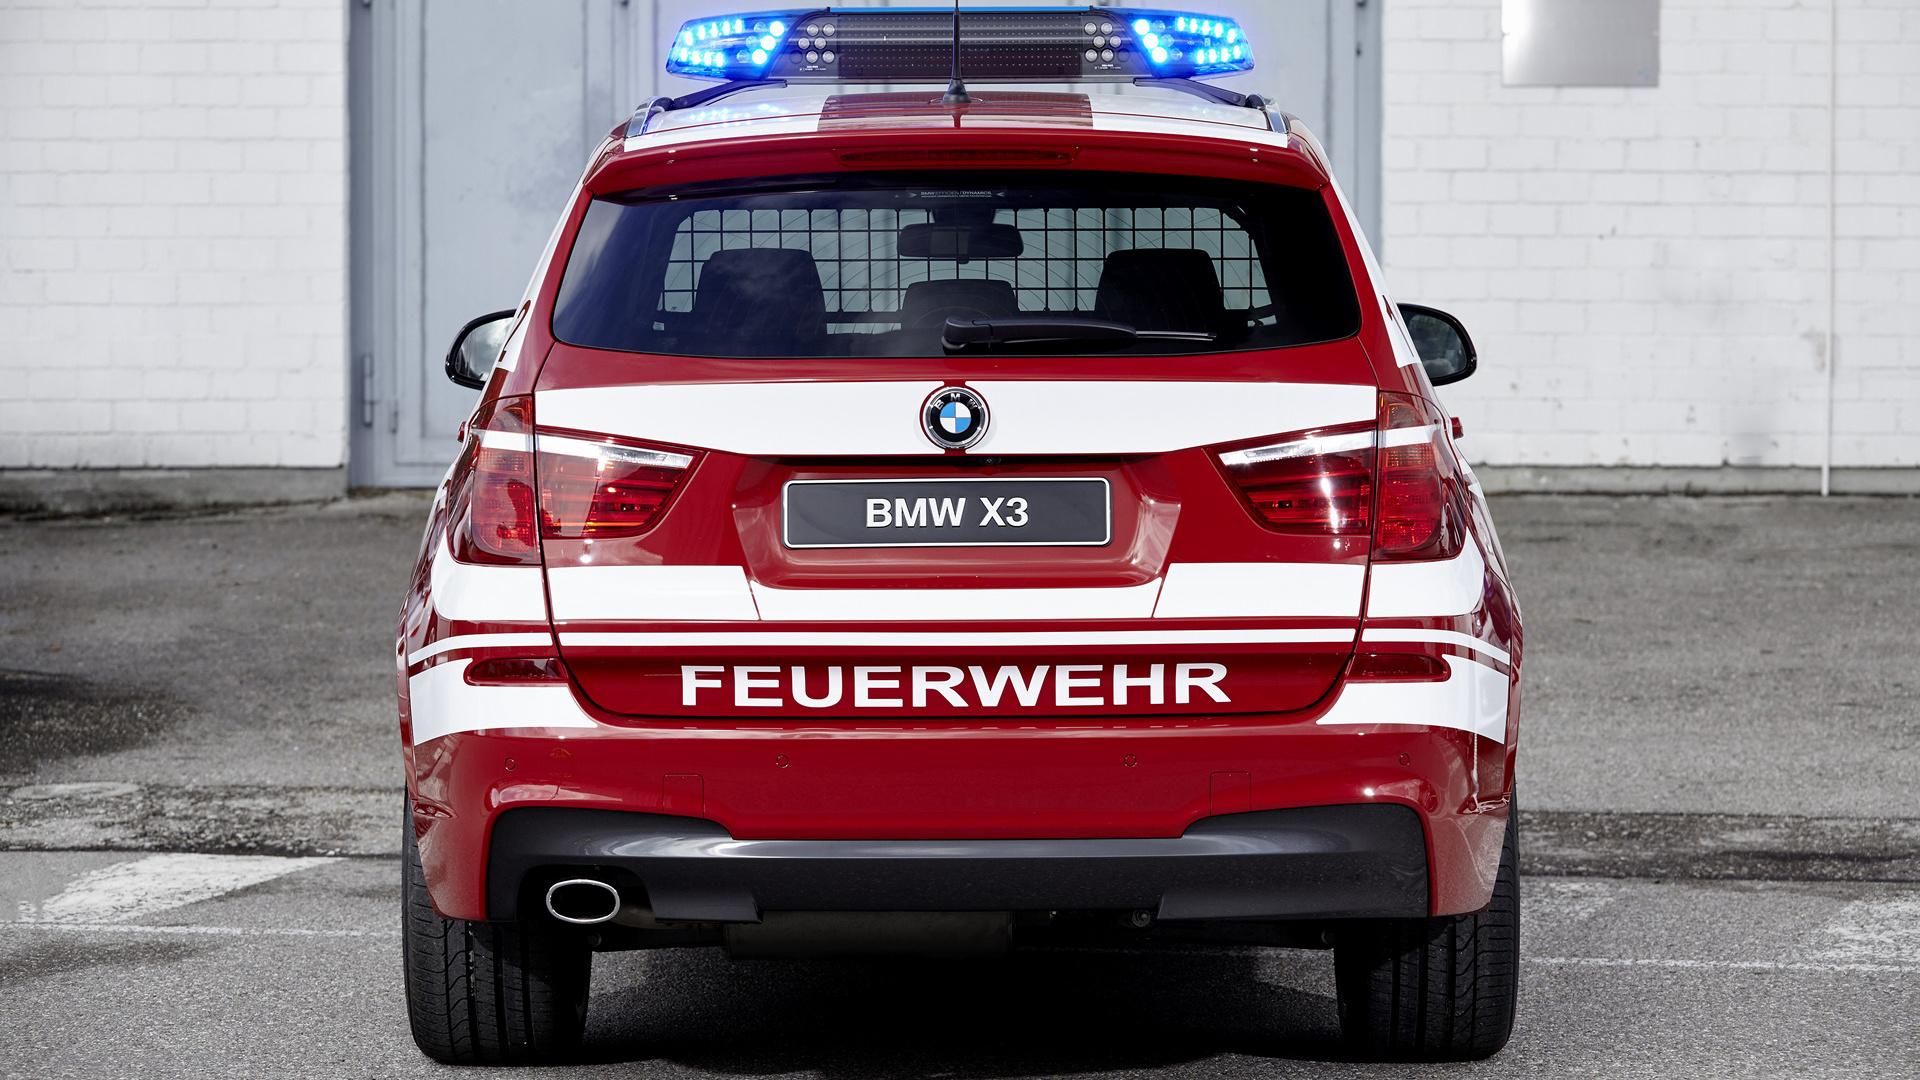 2016 Bmw X3 M Sport Feuerwehr